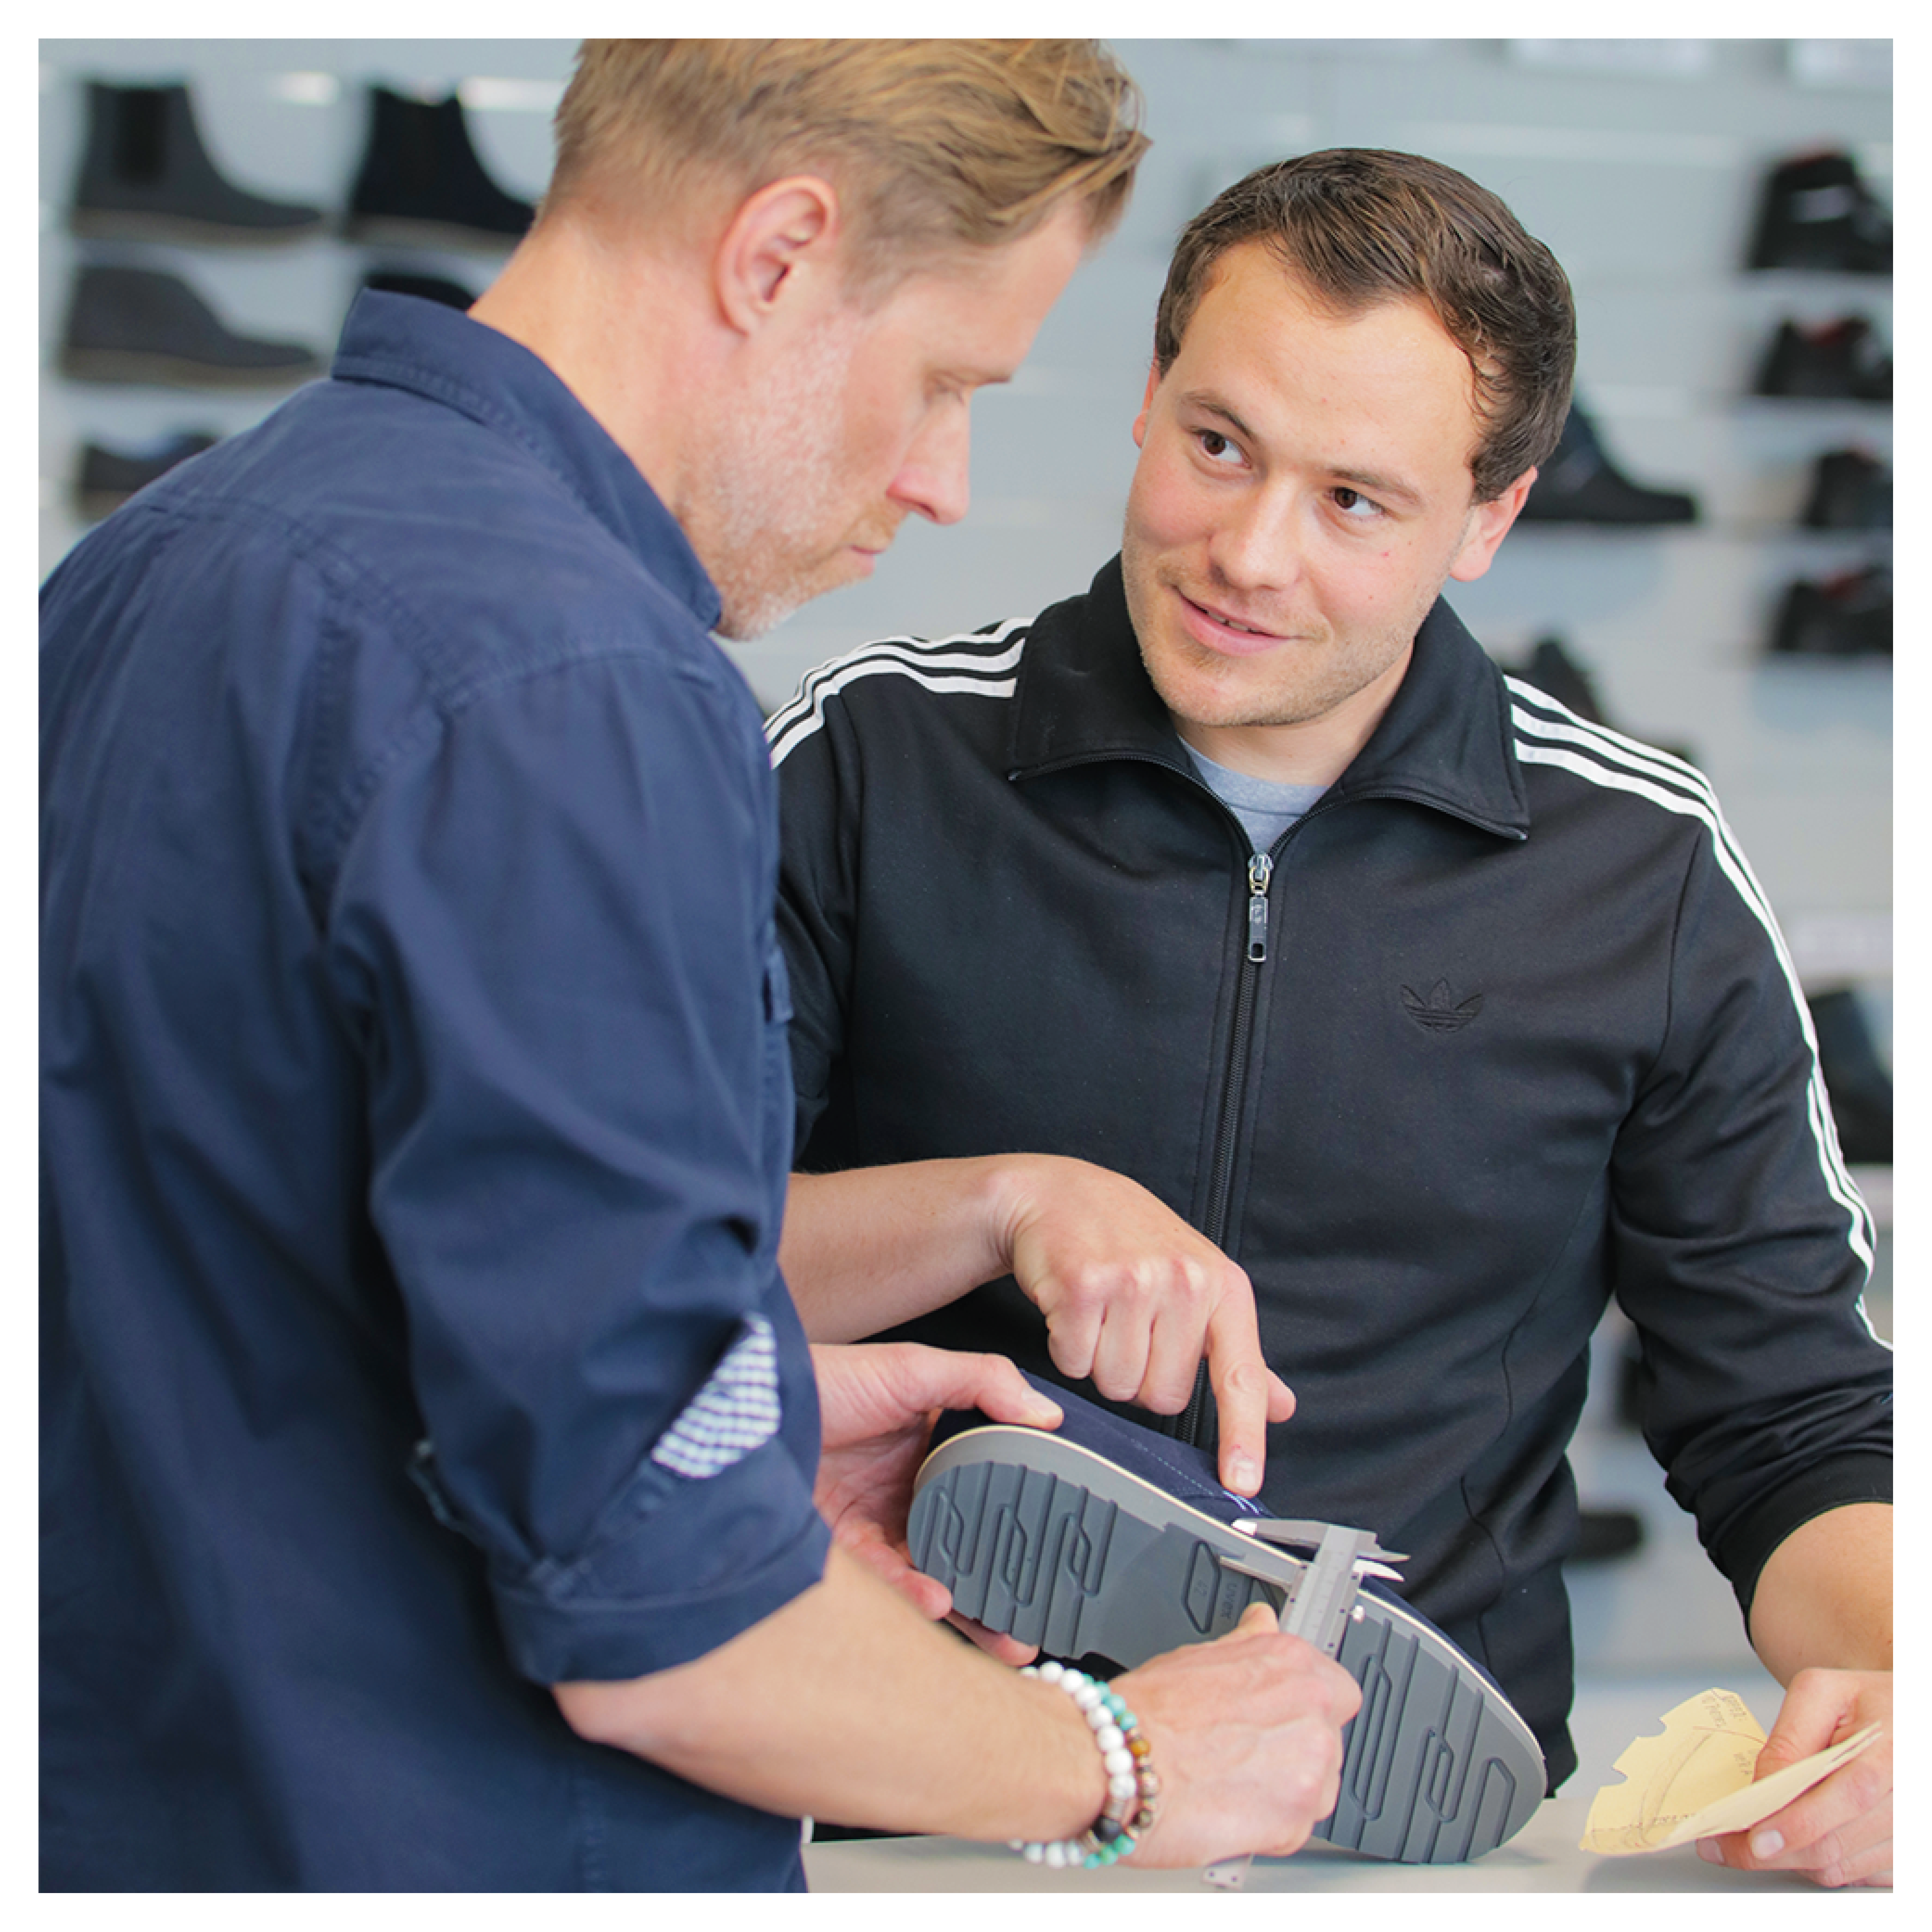 Schuhtechniker bei der uvex group mit Prototyp